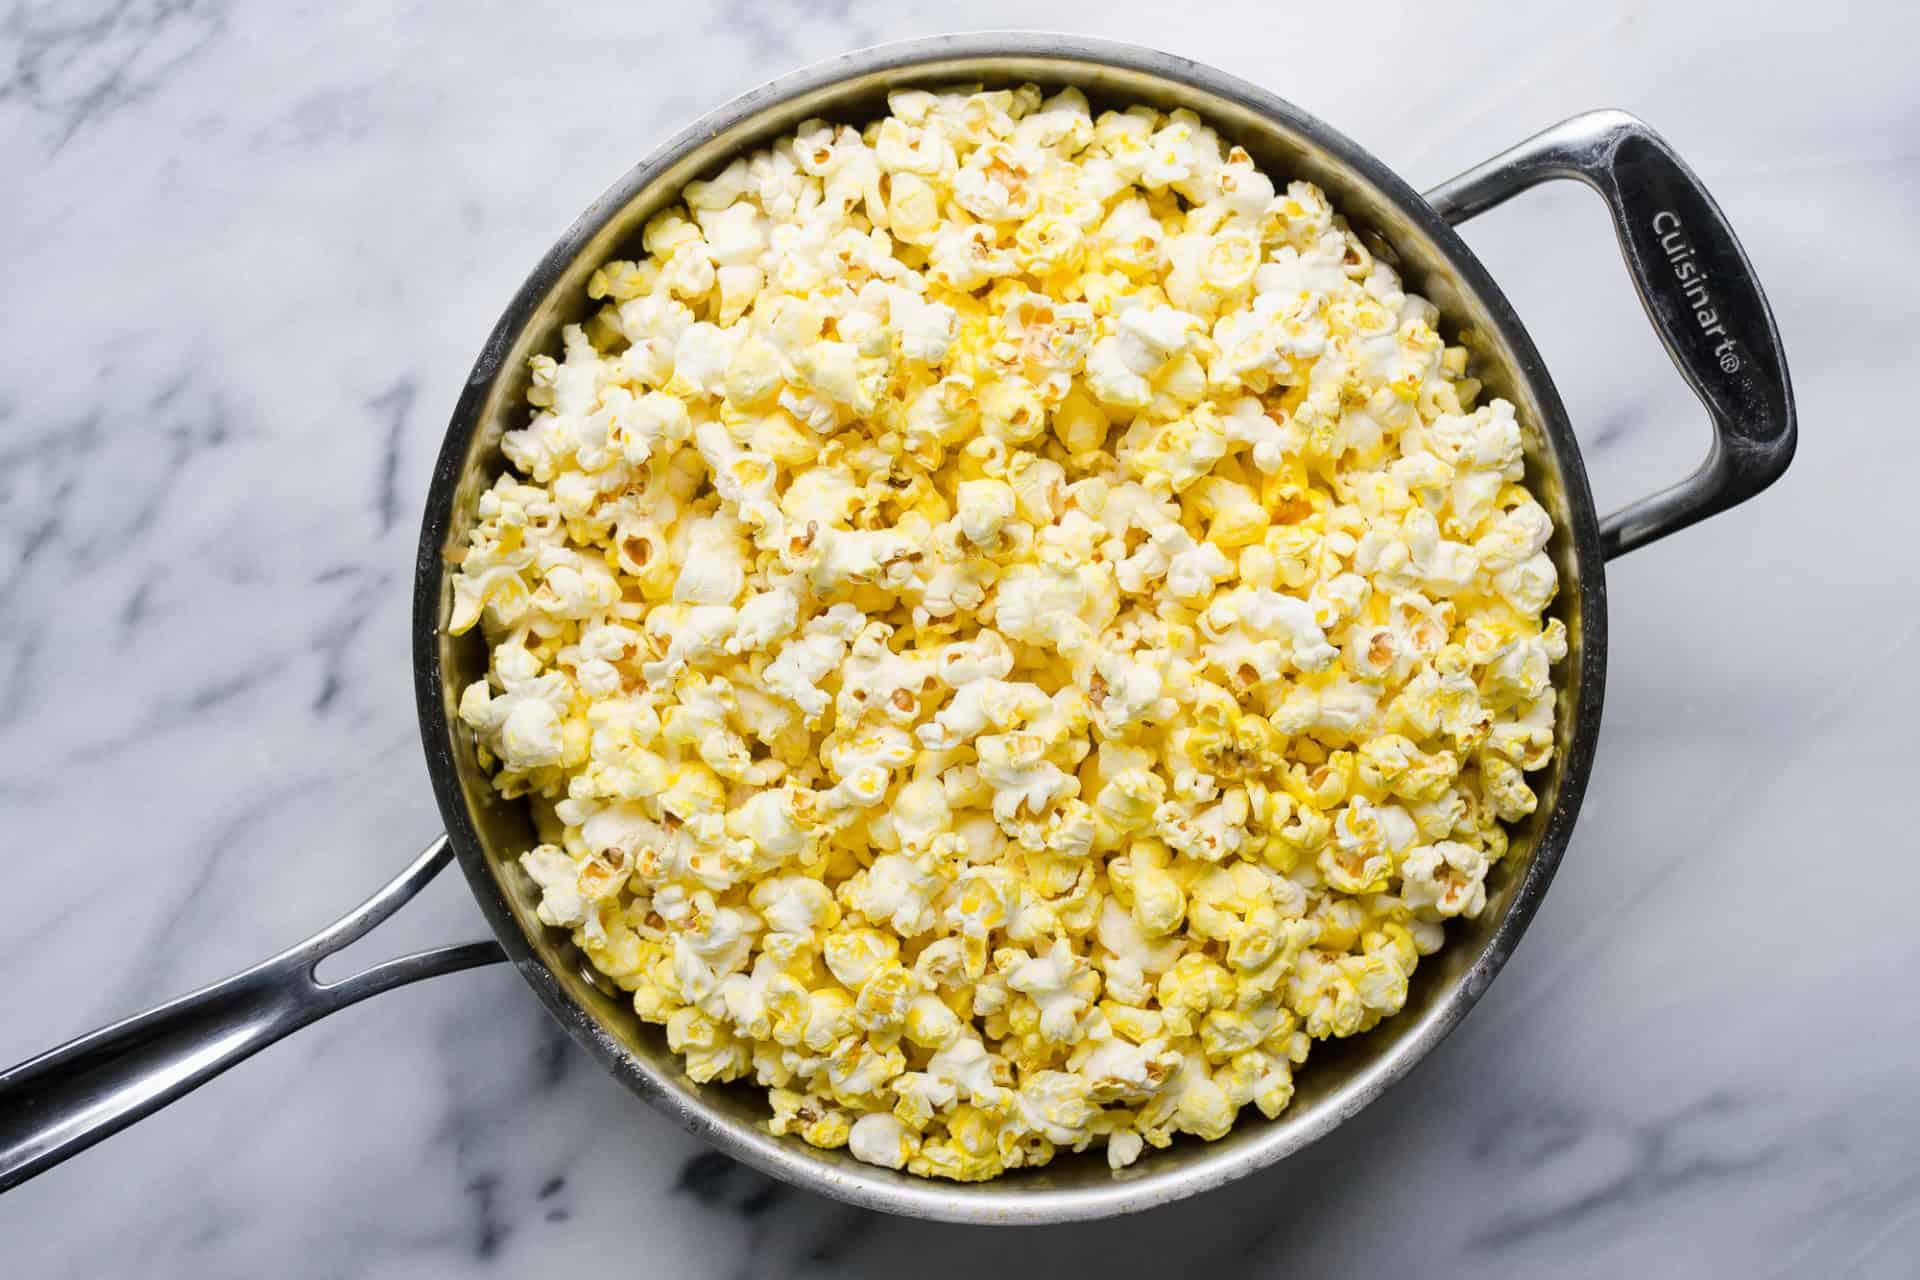 is popcorn allowed on a mediterranean diet